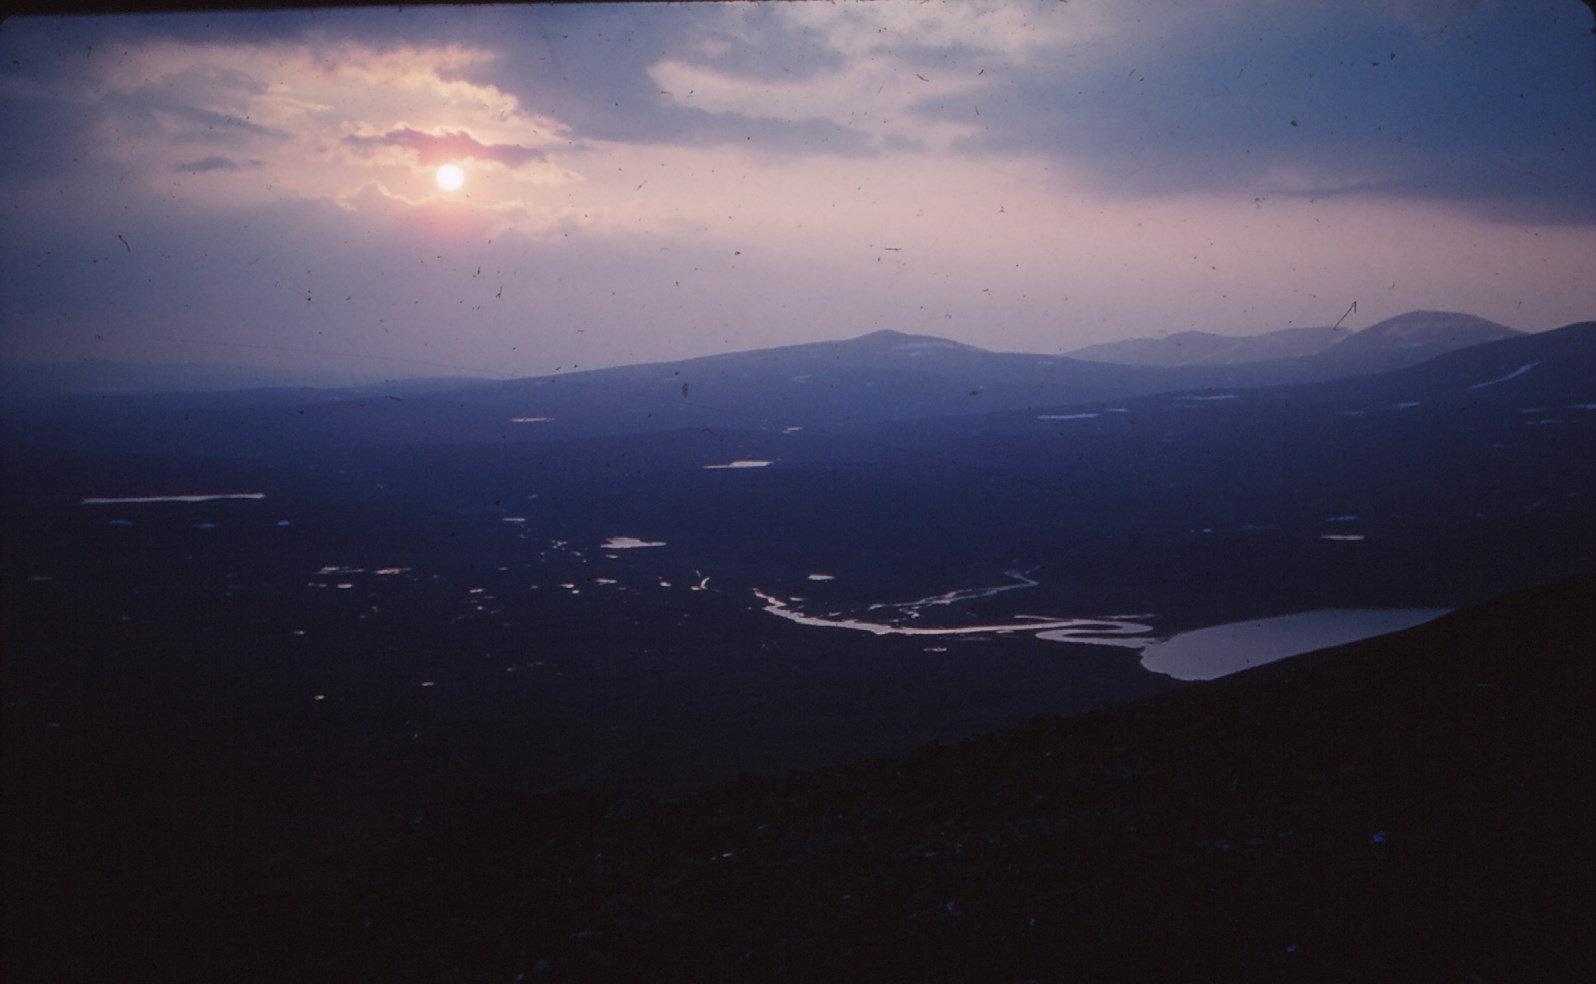 948 (22) Vuorje: Uitzicht vanaf helling Vuorje